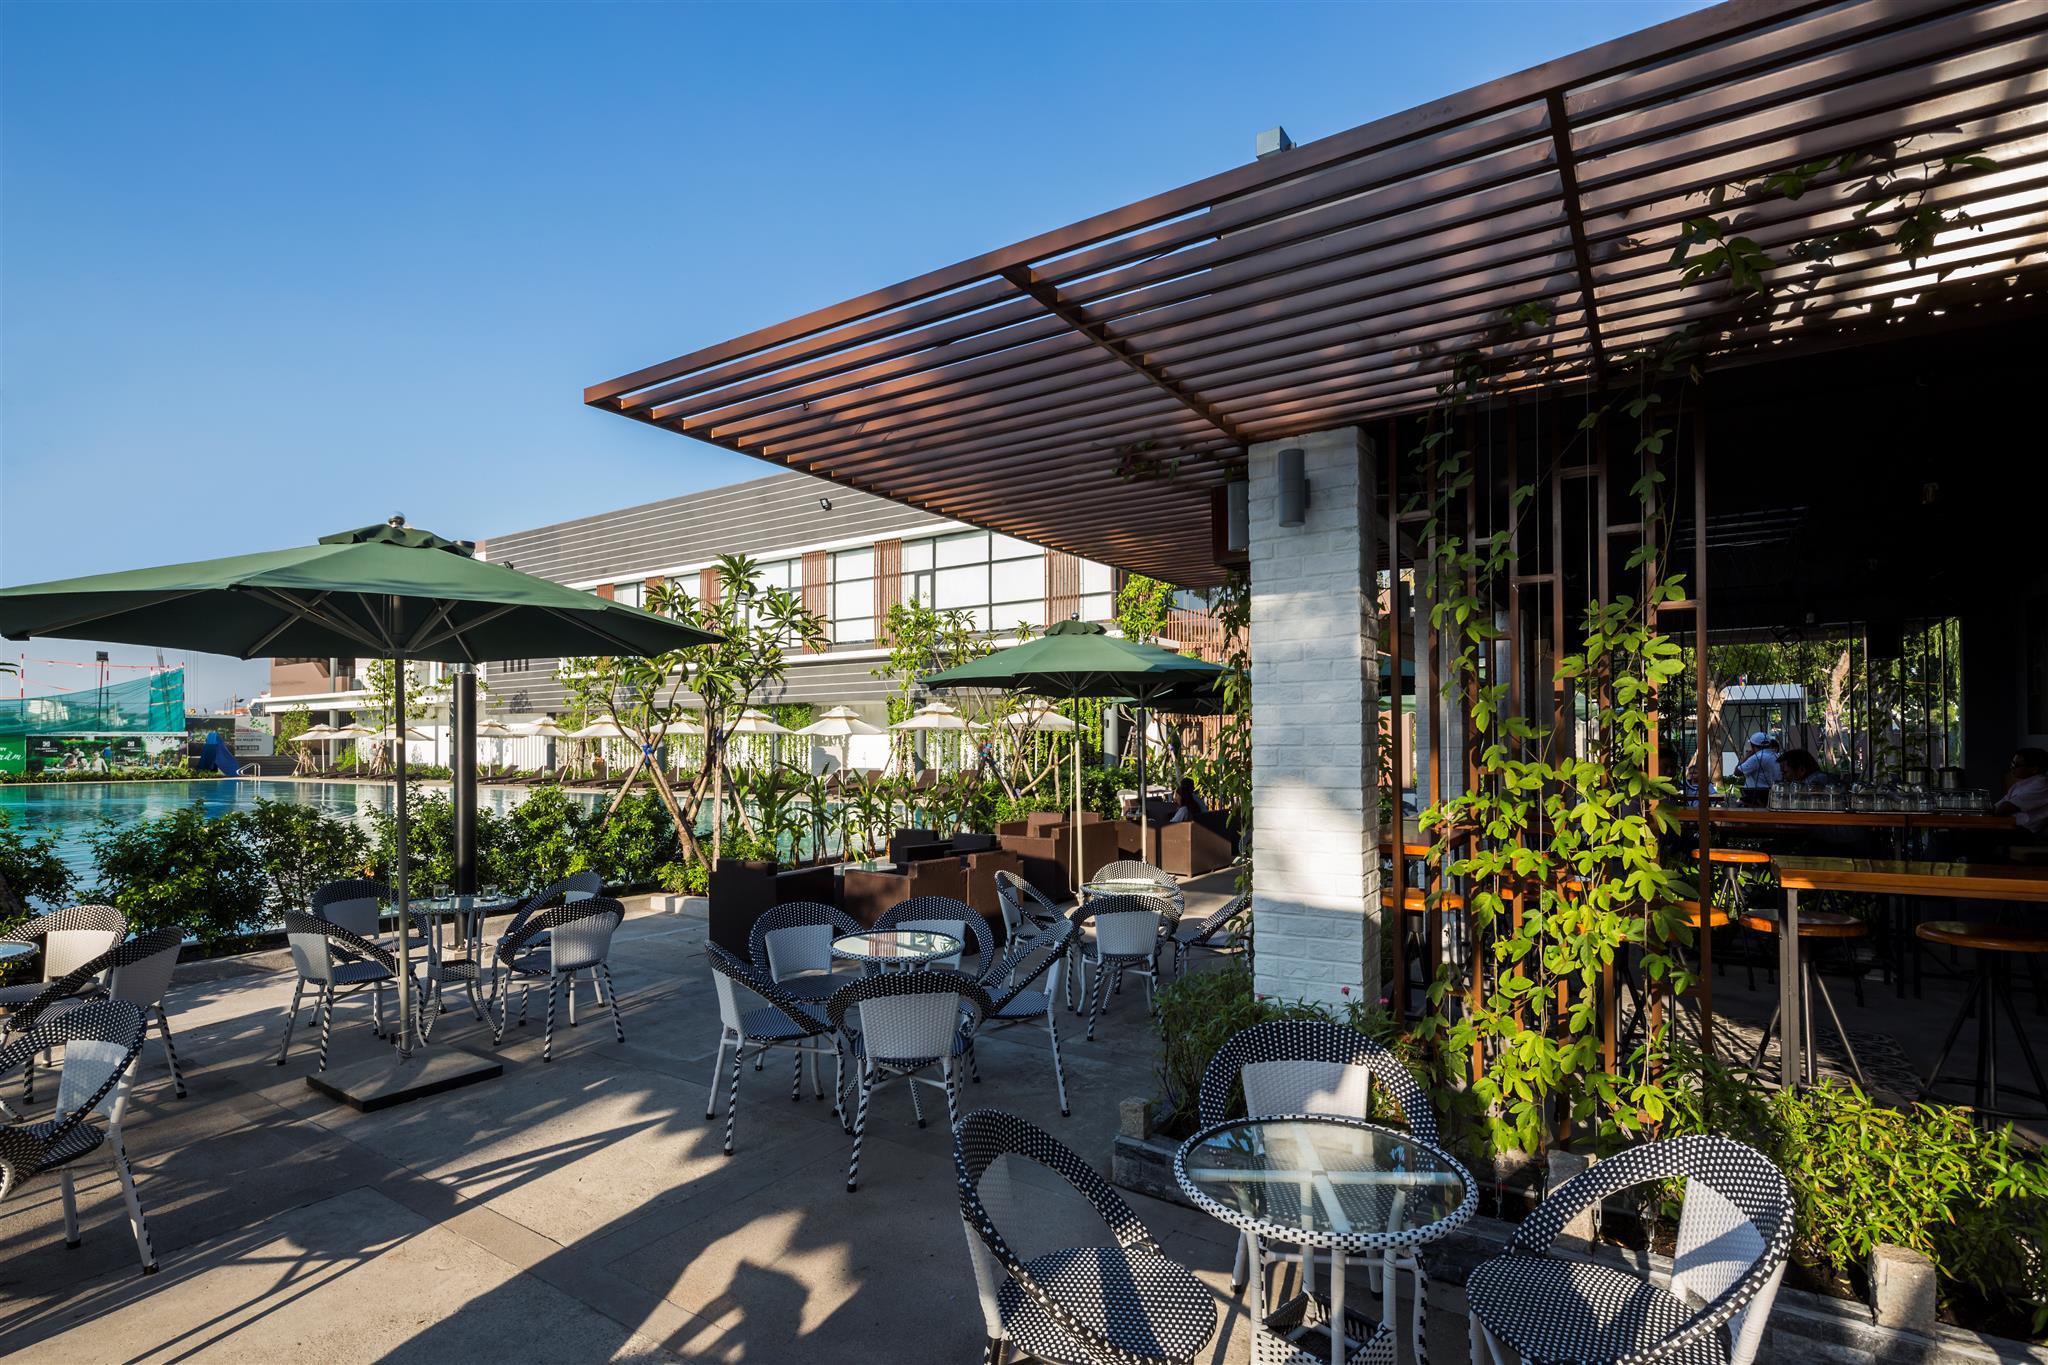 Nhà hàng & Café bên bể bơi - Celadon Sports & Resort Club